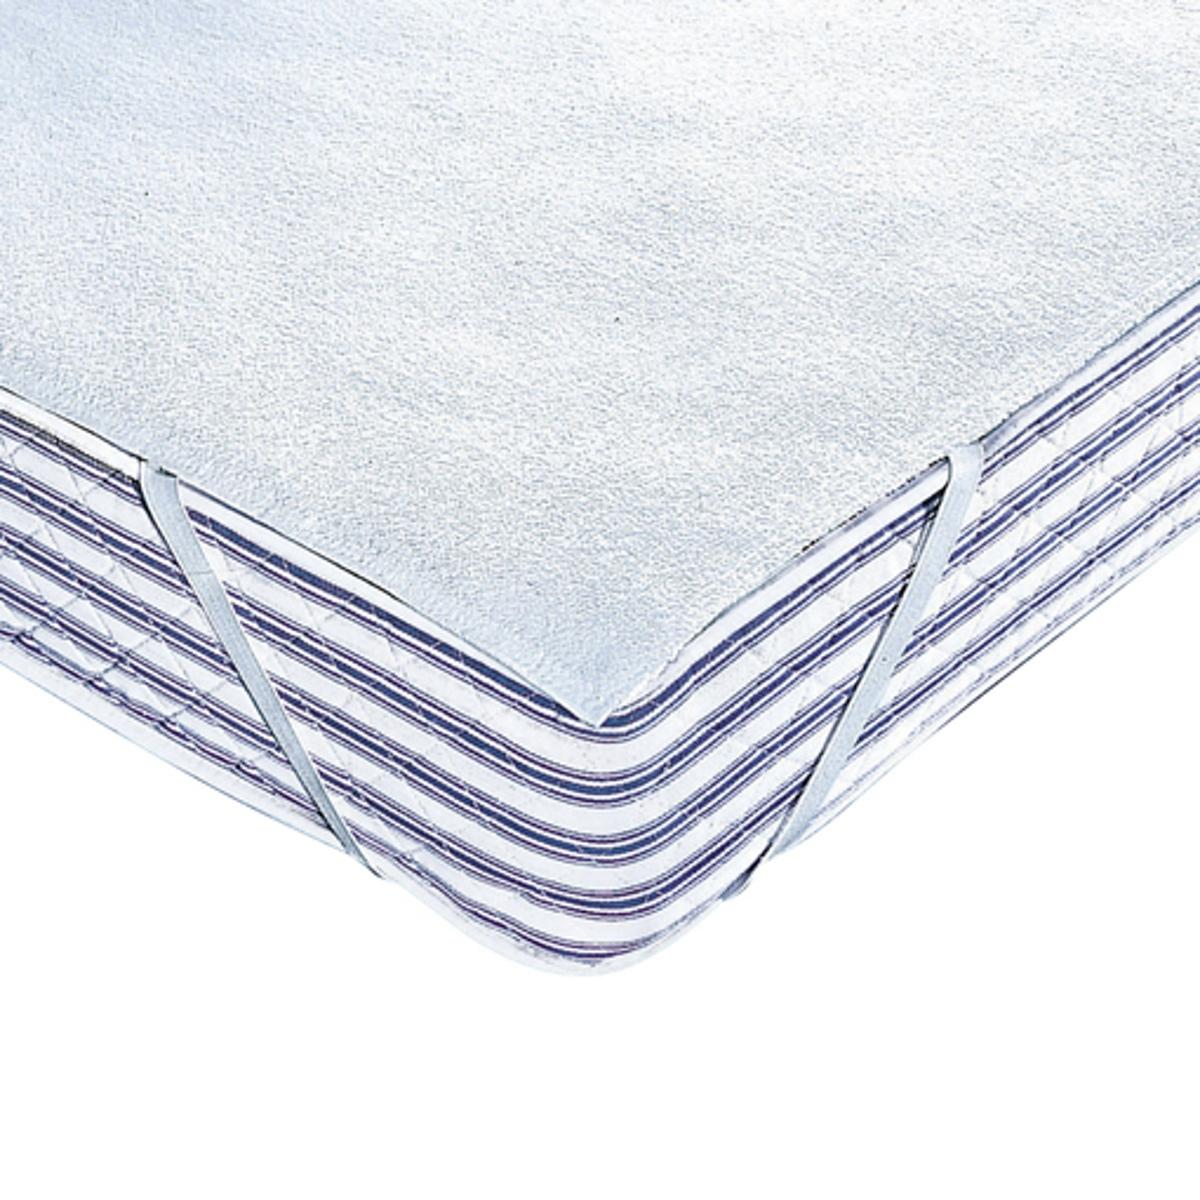 Чехол La Redoute Защитный для матраса махровой ткани гм с непромокаемым полиуретановым покрытием 90 x 190 см белый чехол la redoute защитный для матраса гм из махровой ткани с непромокаемым покрытием из пвх 60 x 120 см белый